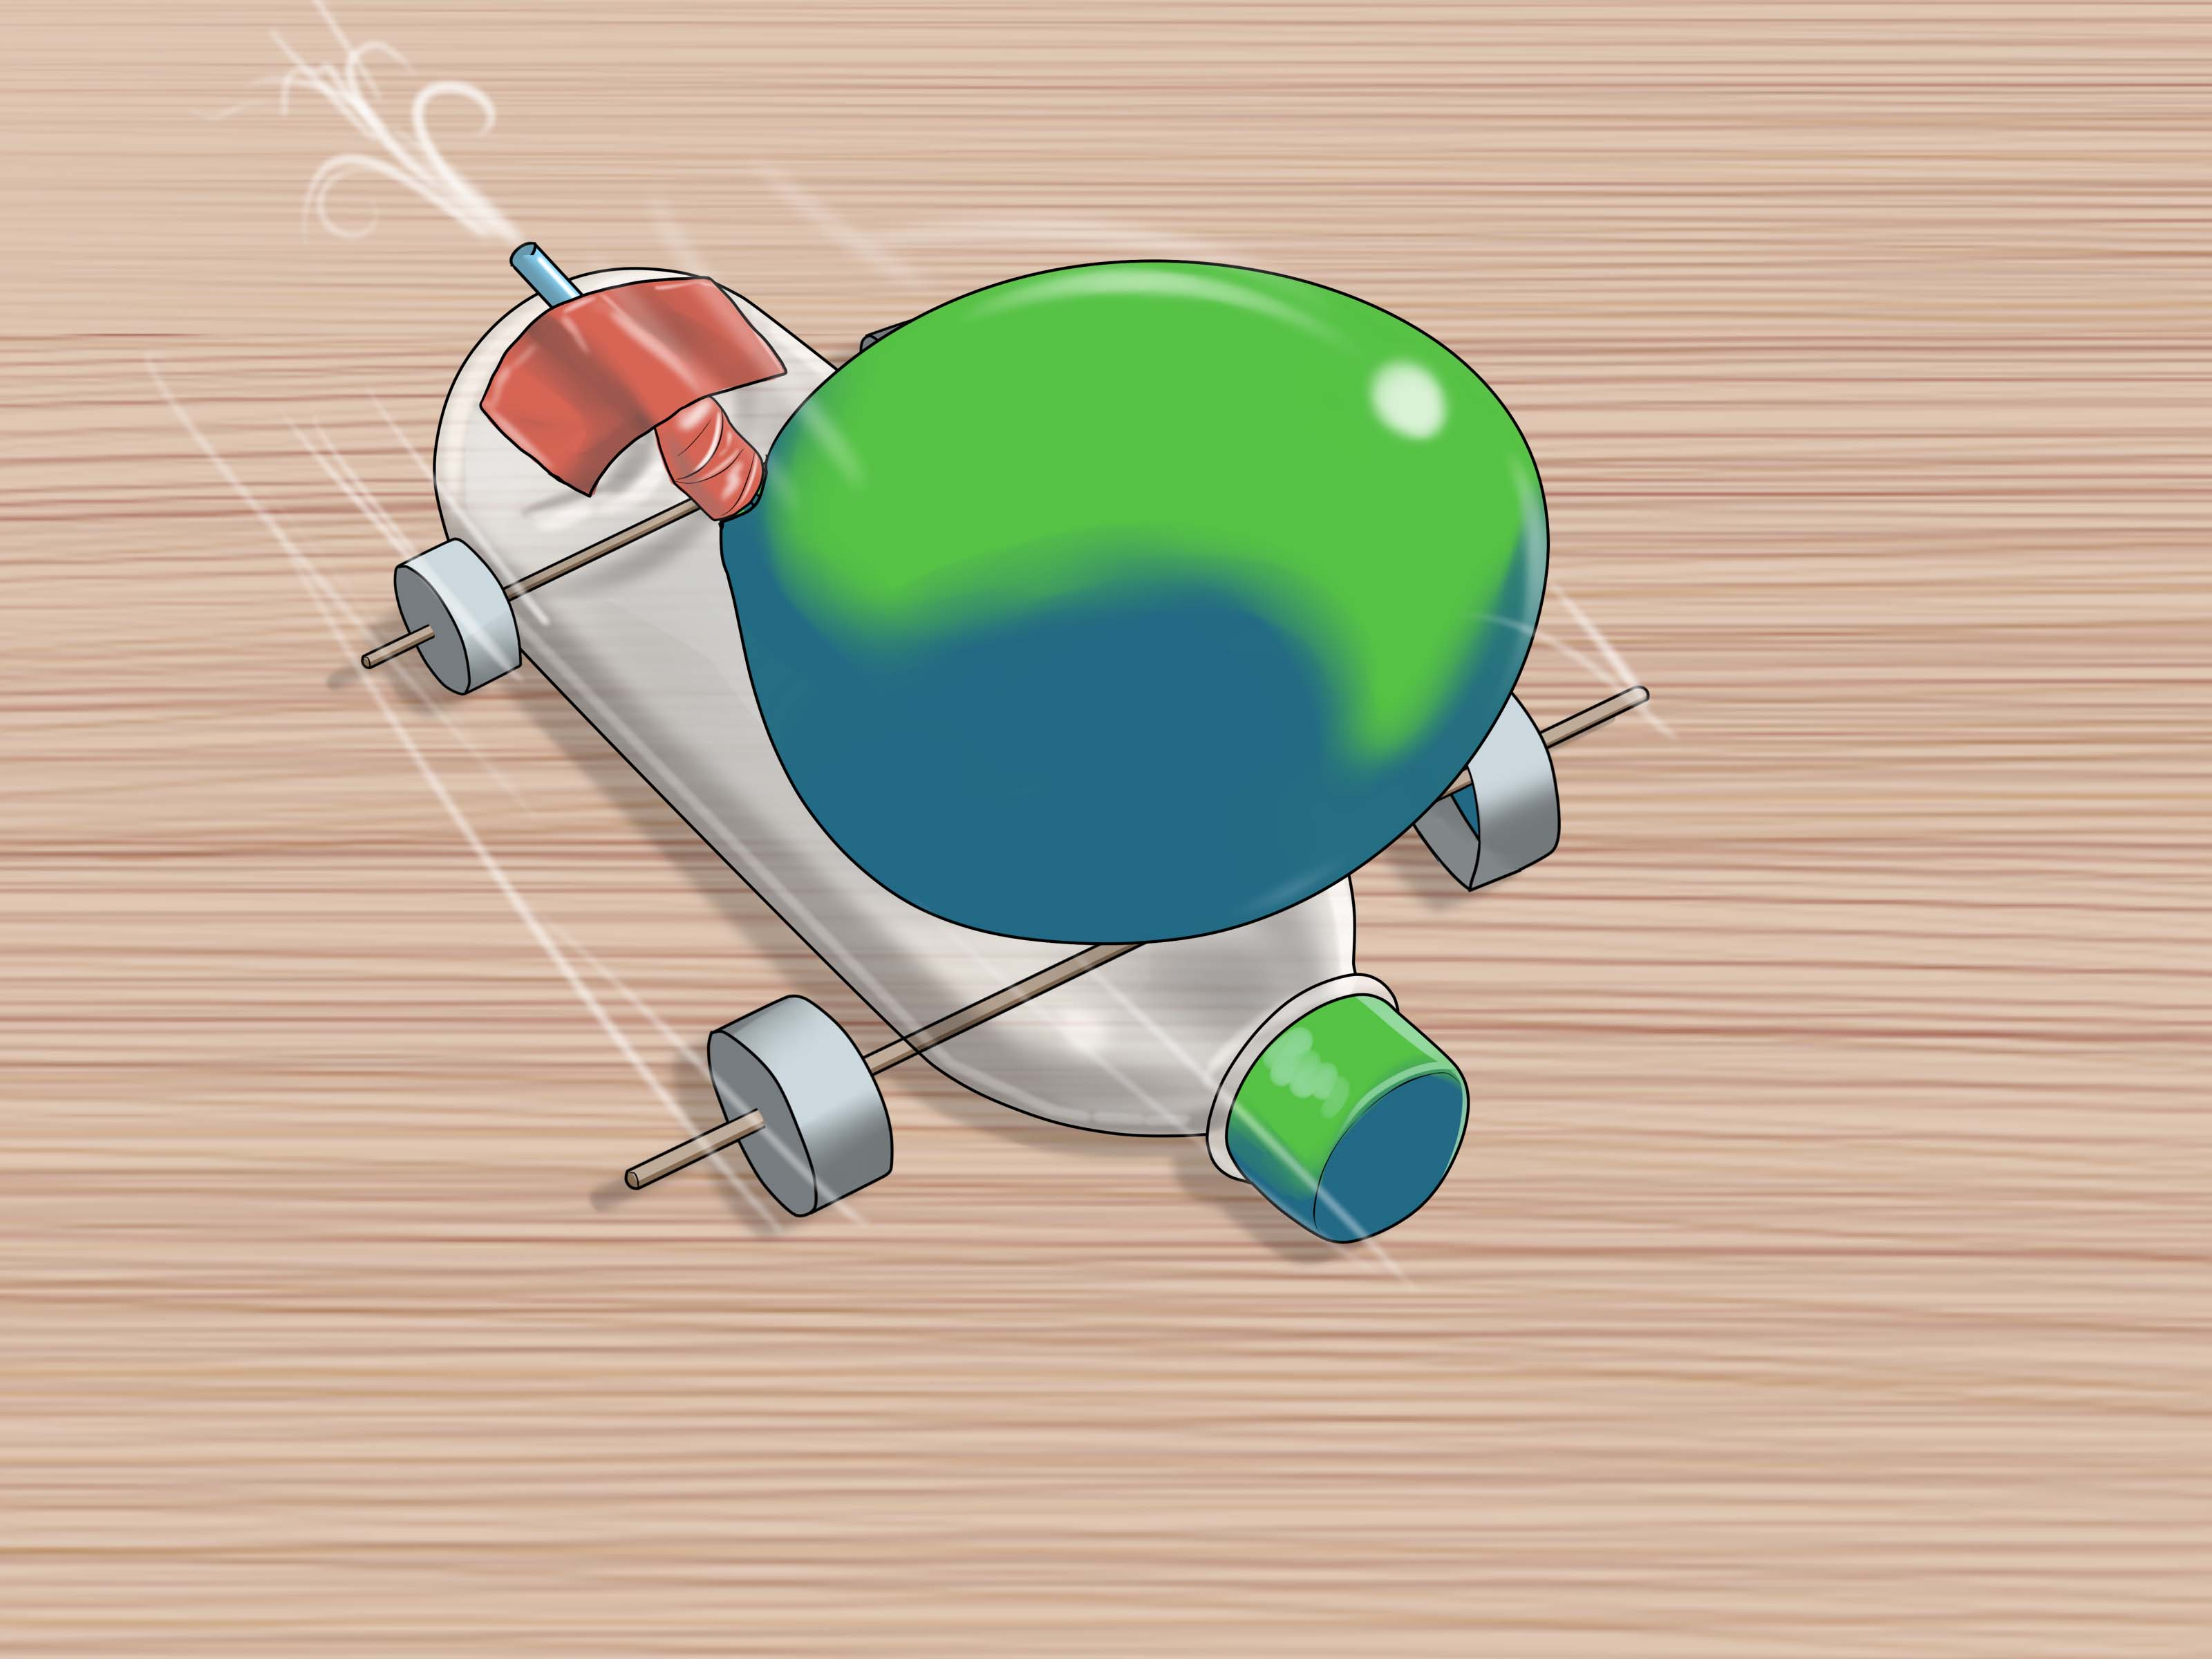 3 Ways To Make A Balloon Car